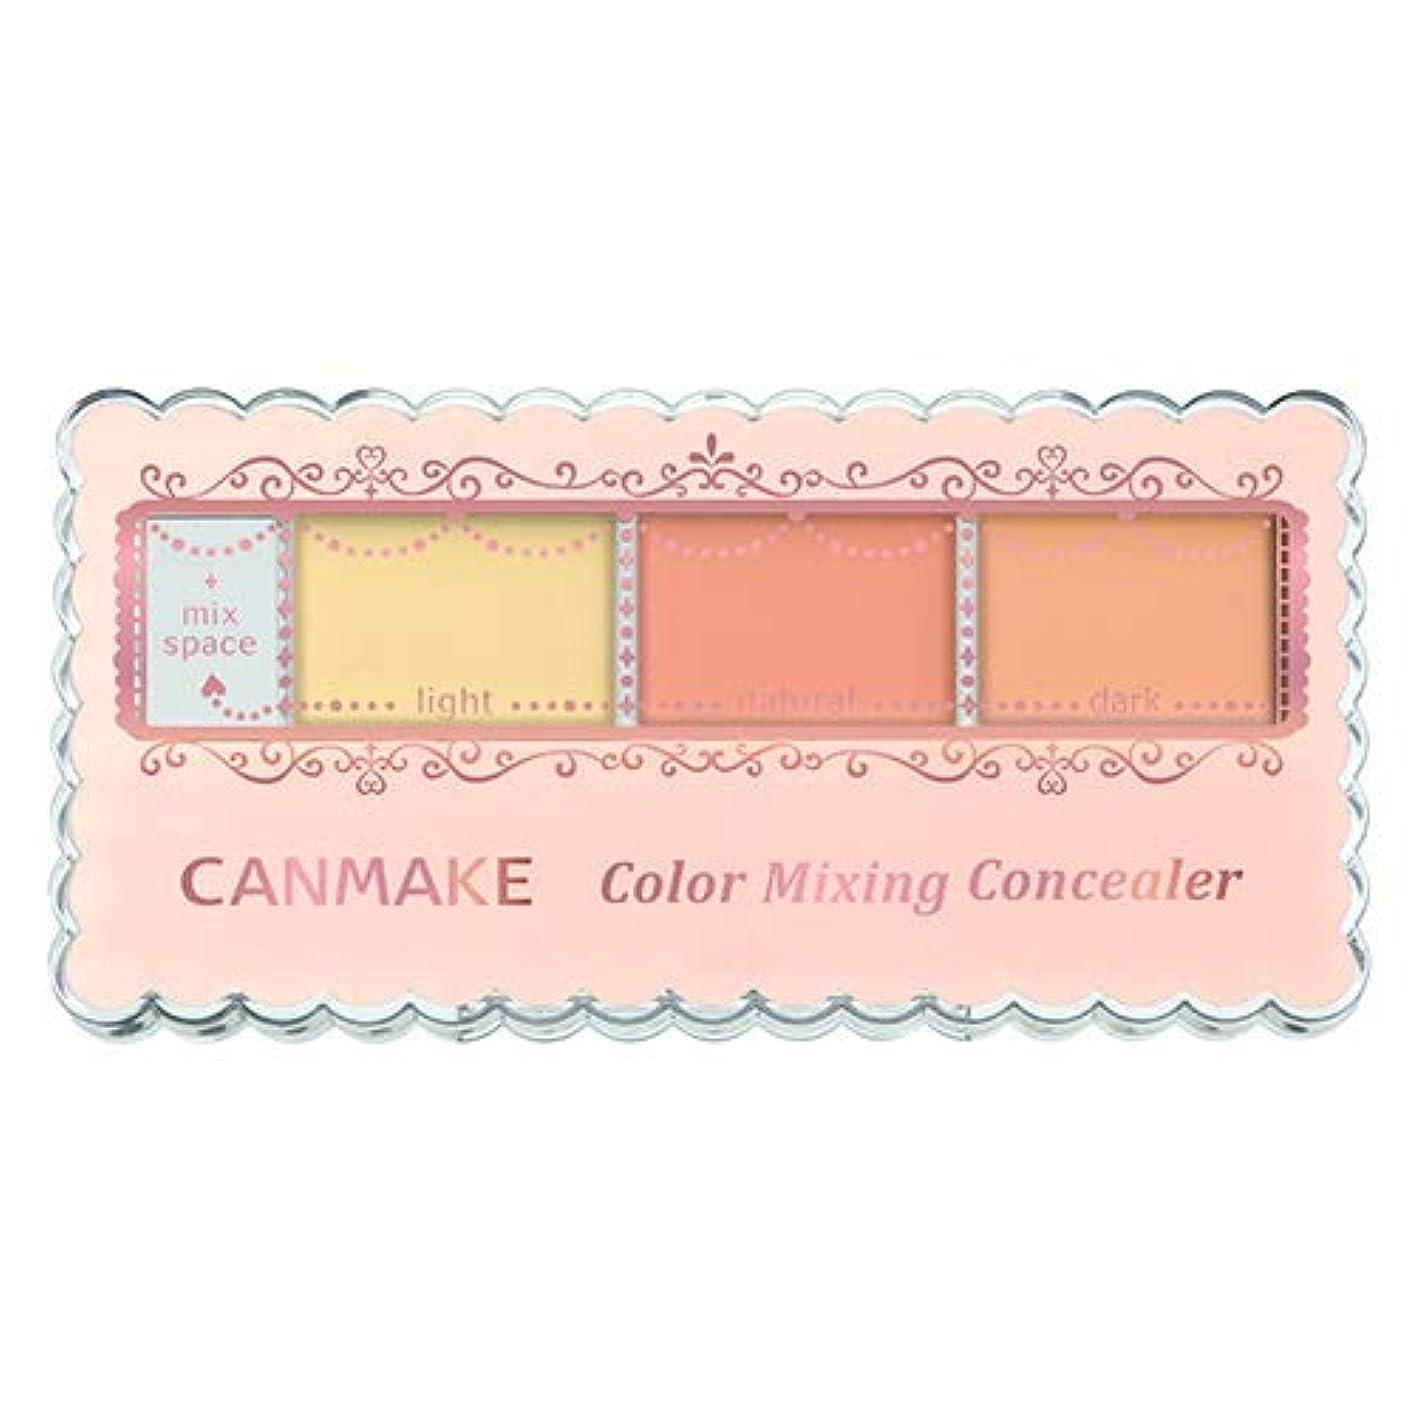 長方形無視ペフキャンメイク カラーミキシングコンシーラーC12 イエロー&オレンジベージュ 3.9g